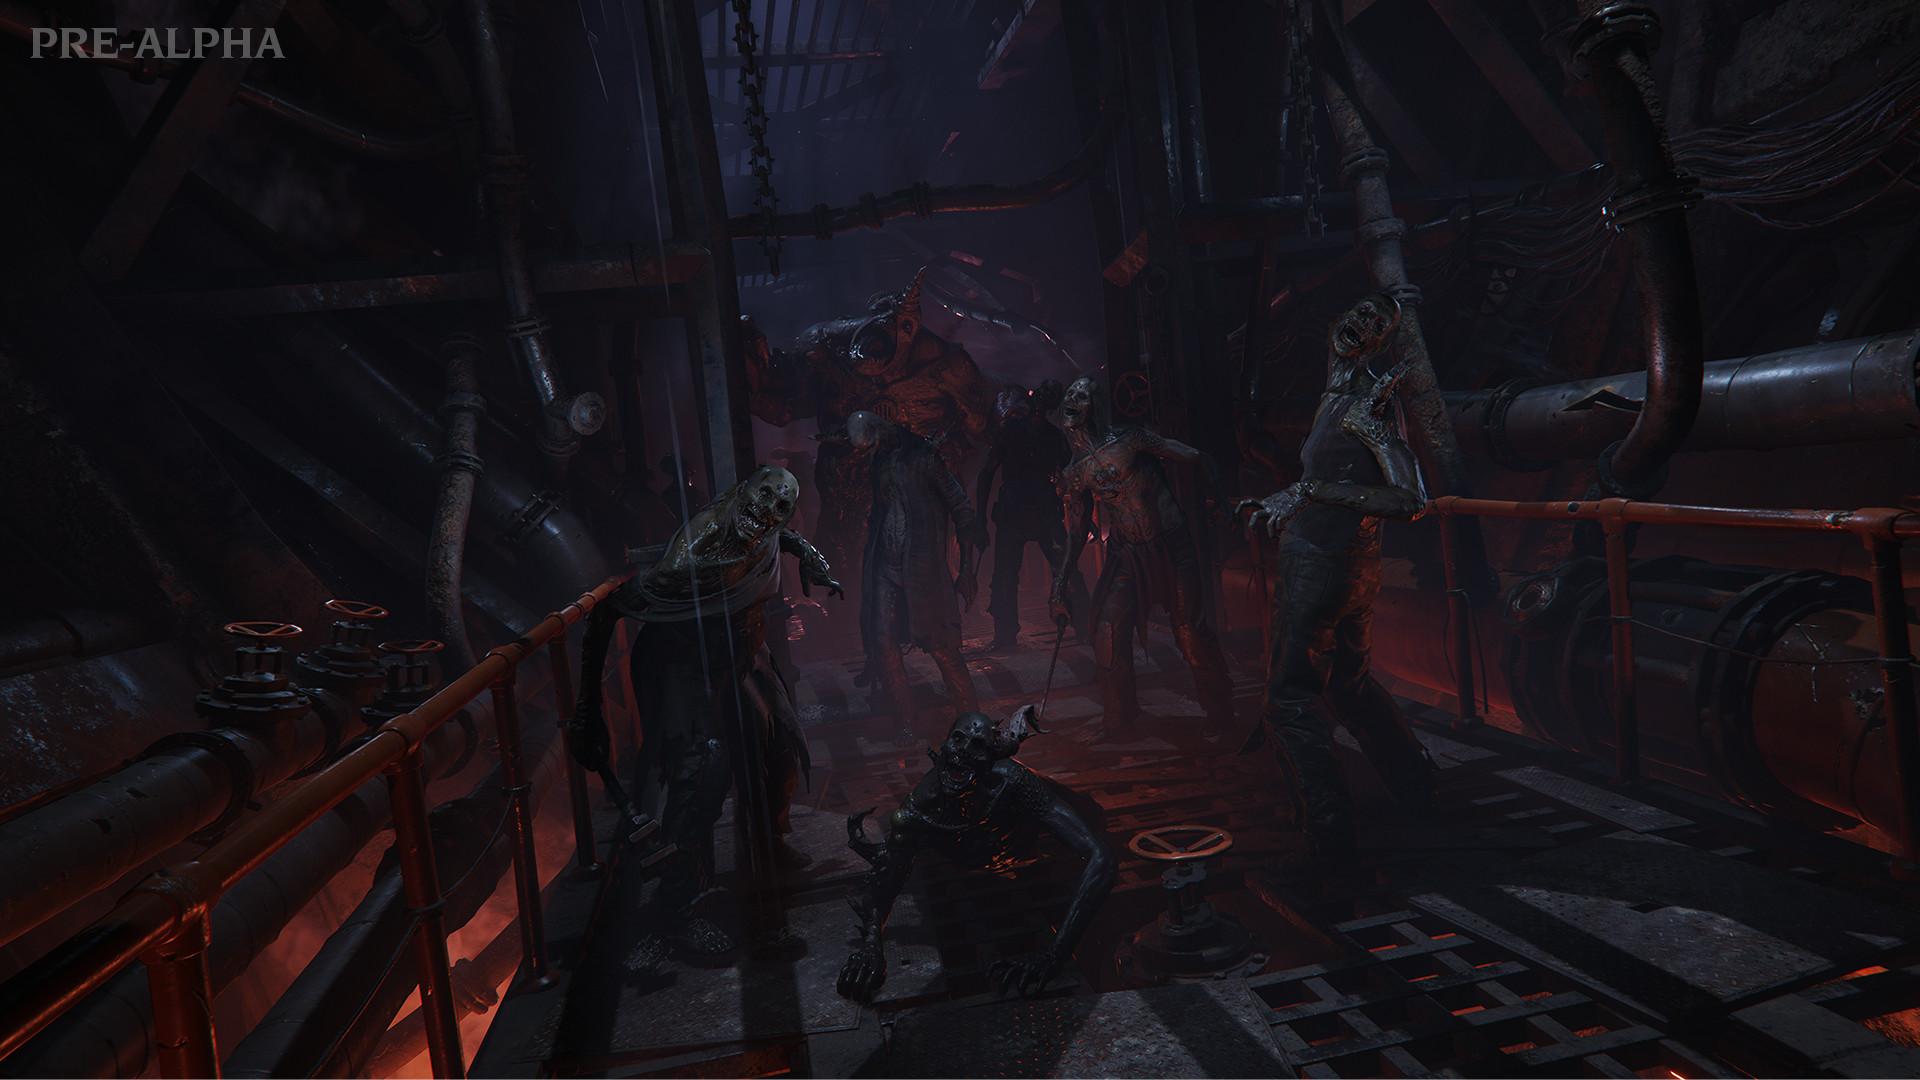 《战锤40K:暗潮》新实机预告发布 4人合作抵御黑暗